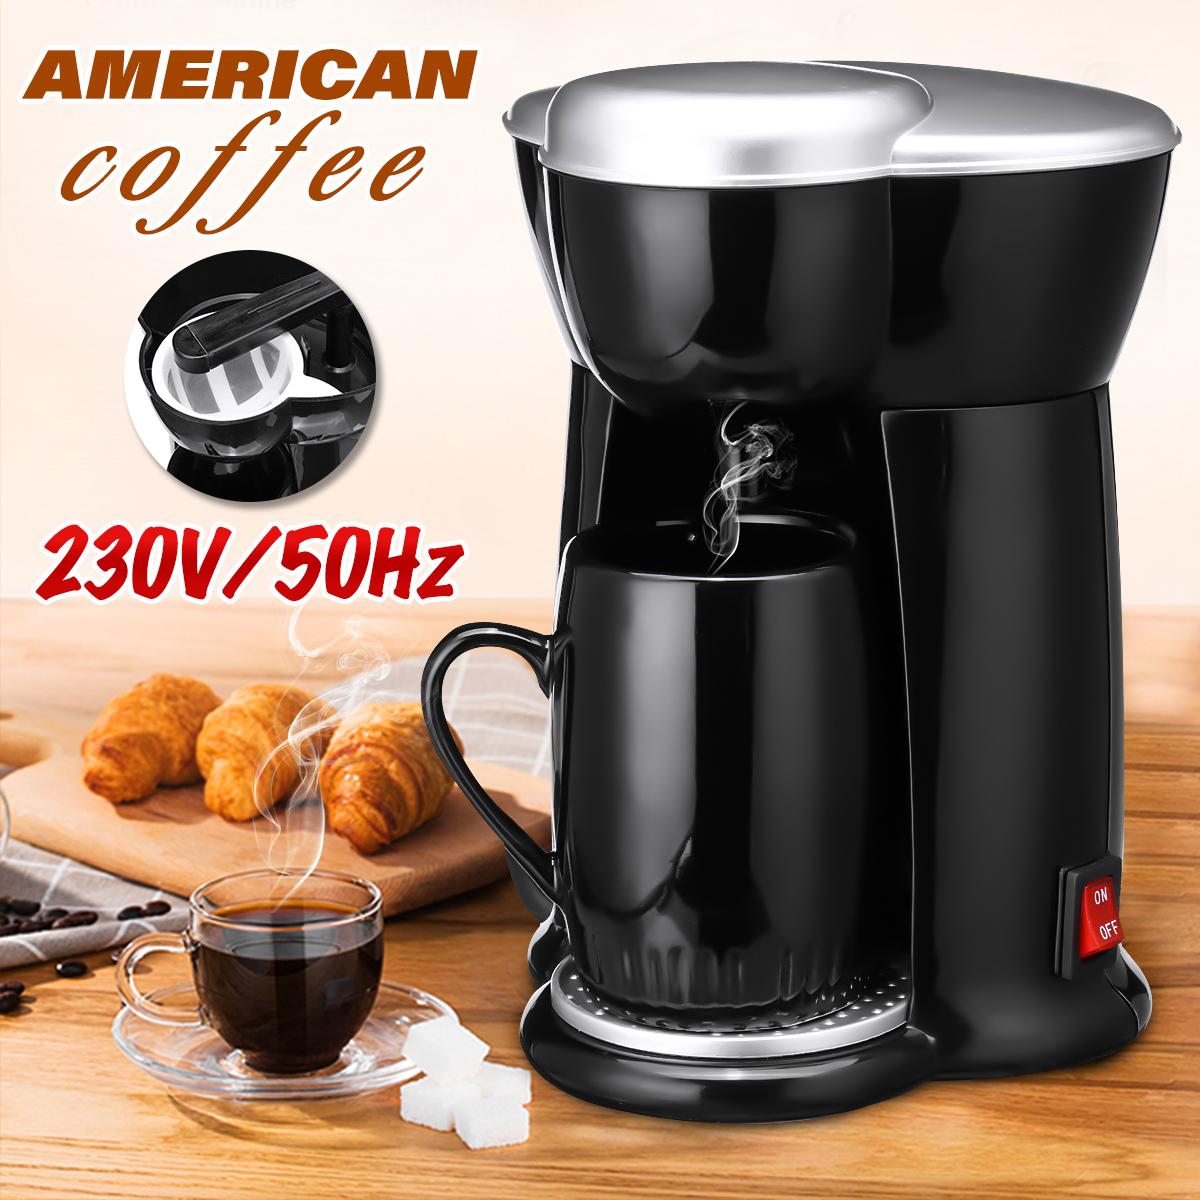 300W 140MLถ้วยเดียวหยดเครื่องทำกาแฟไฟฟ้าอัตโนมัติชาเอสเพรสโซ่IE RzNc